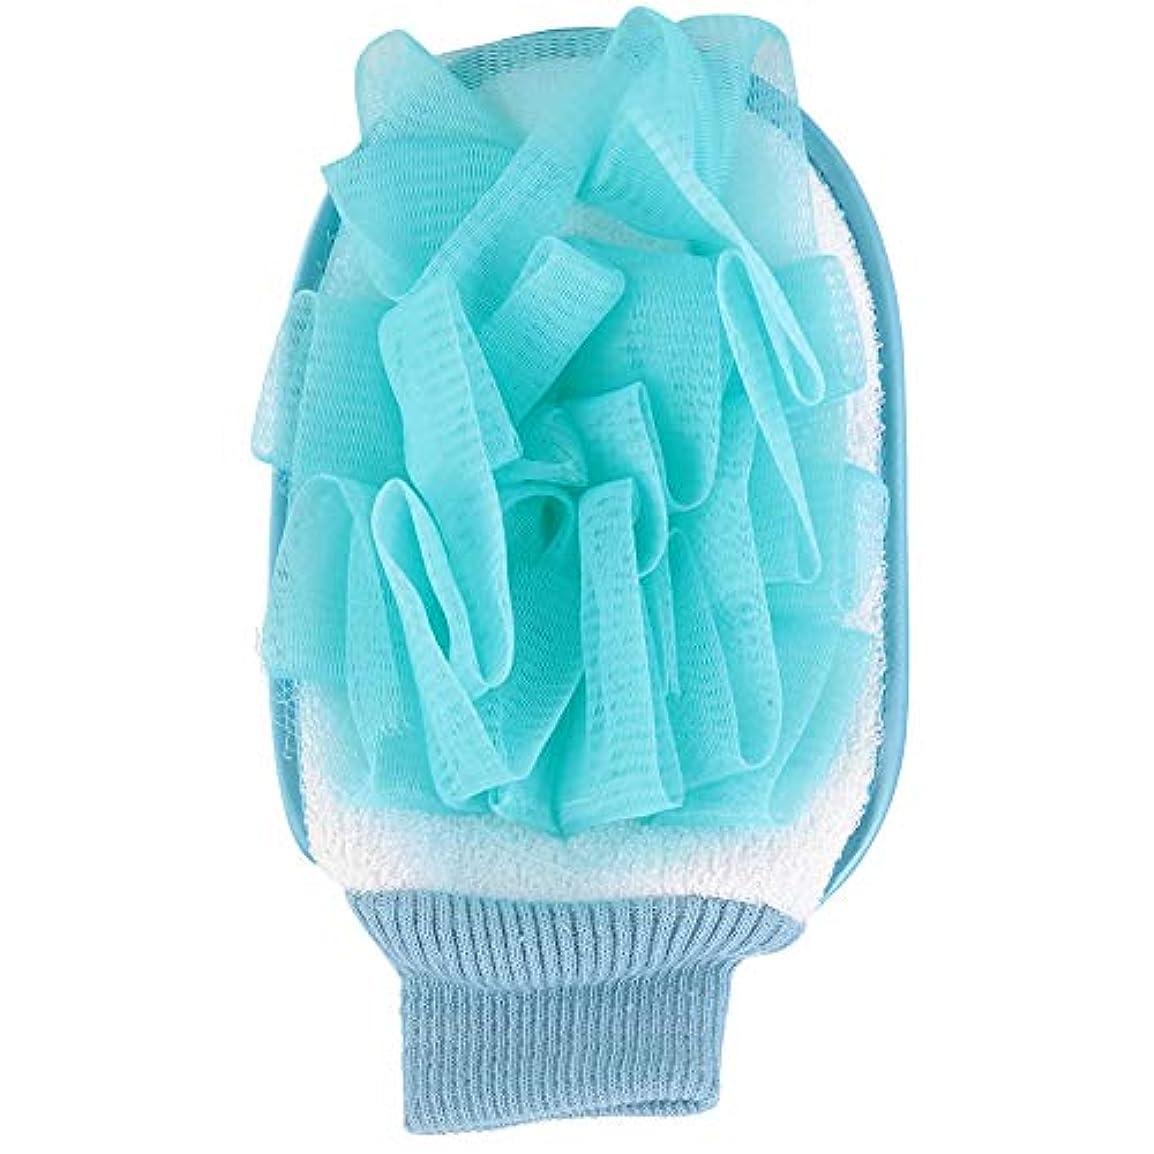 ビジョン秘密の寮Tenweet 浴用手袋 シャワーグローブ お風呂手袋 ボディタオル 泡立ち 角質除去 垢すり 入浴用品 バスグッズ 柔らかい 2色(青)